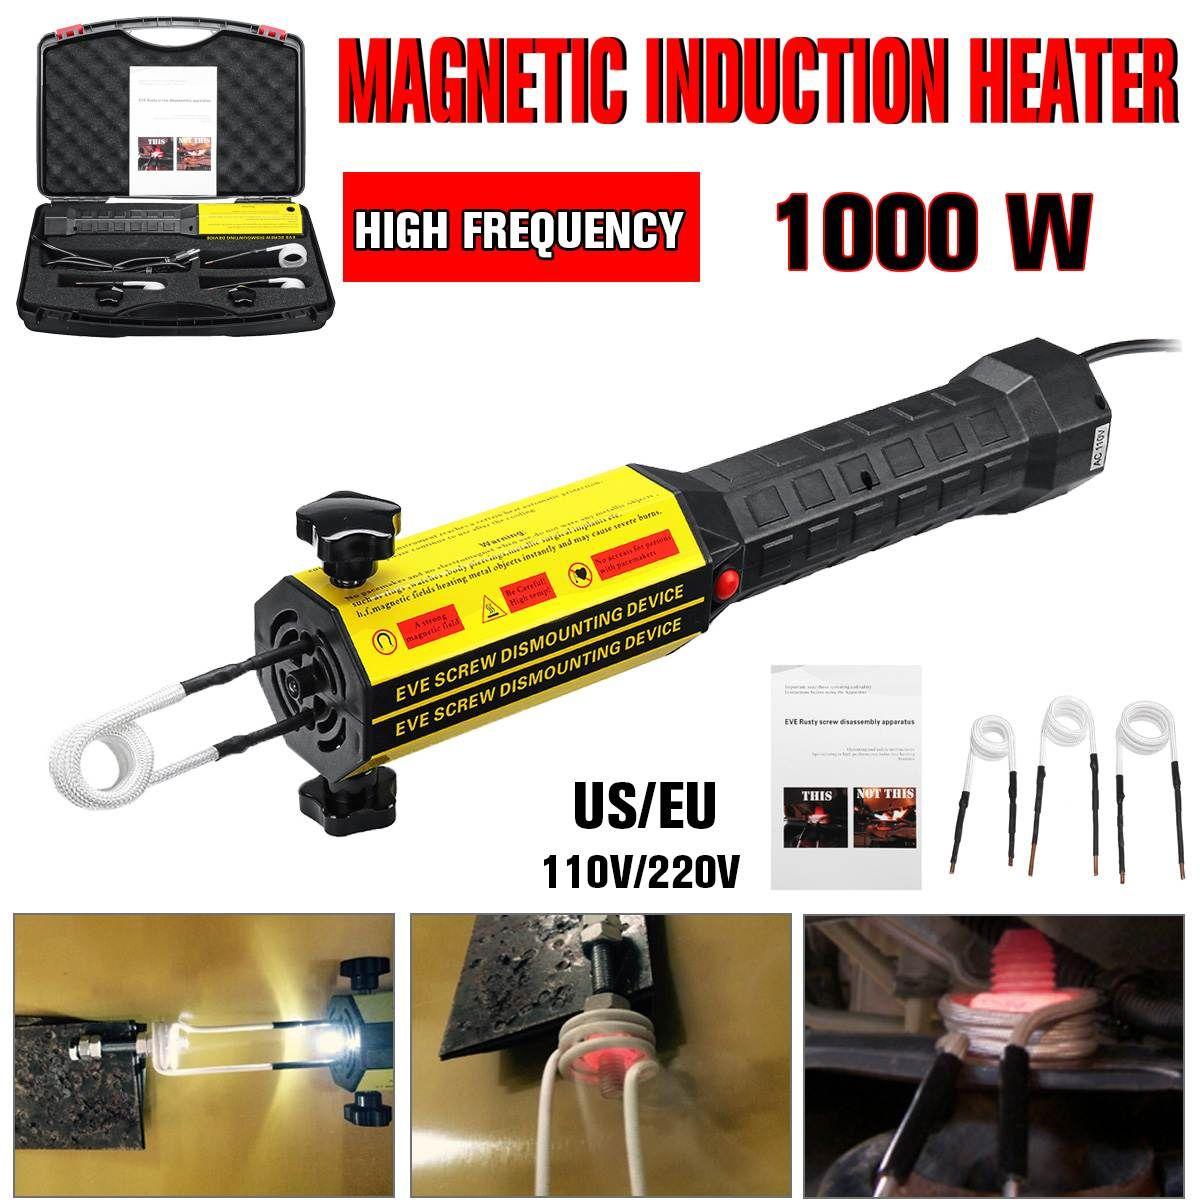 Induktion Heizung Bolzen Wärme Disassembler Magnetische Induktion Heizung 220 V/110 V Schraube Werkzeug Schraube Entferner Reparatur Maschine Werkzeug